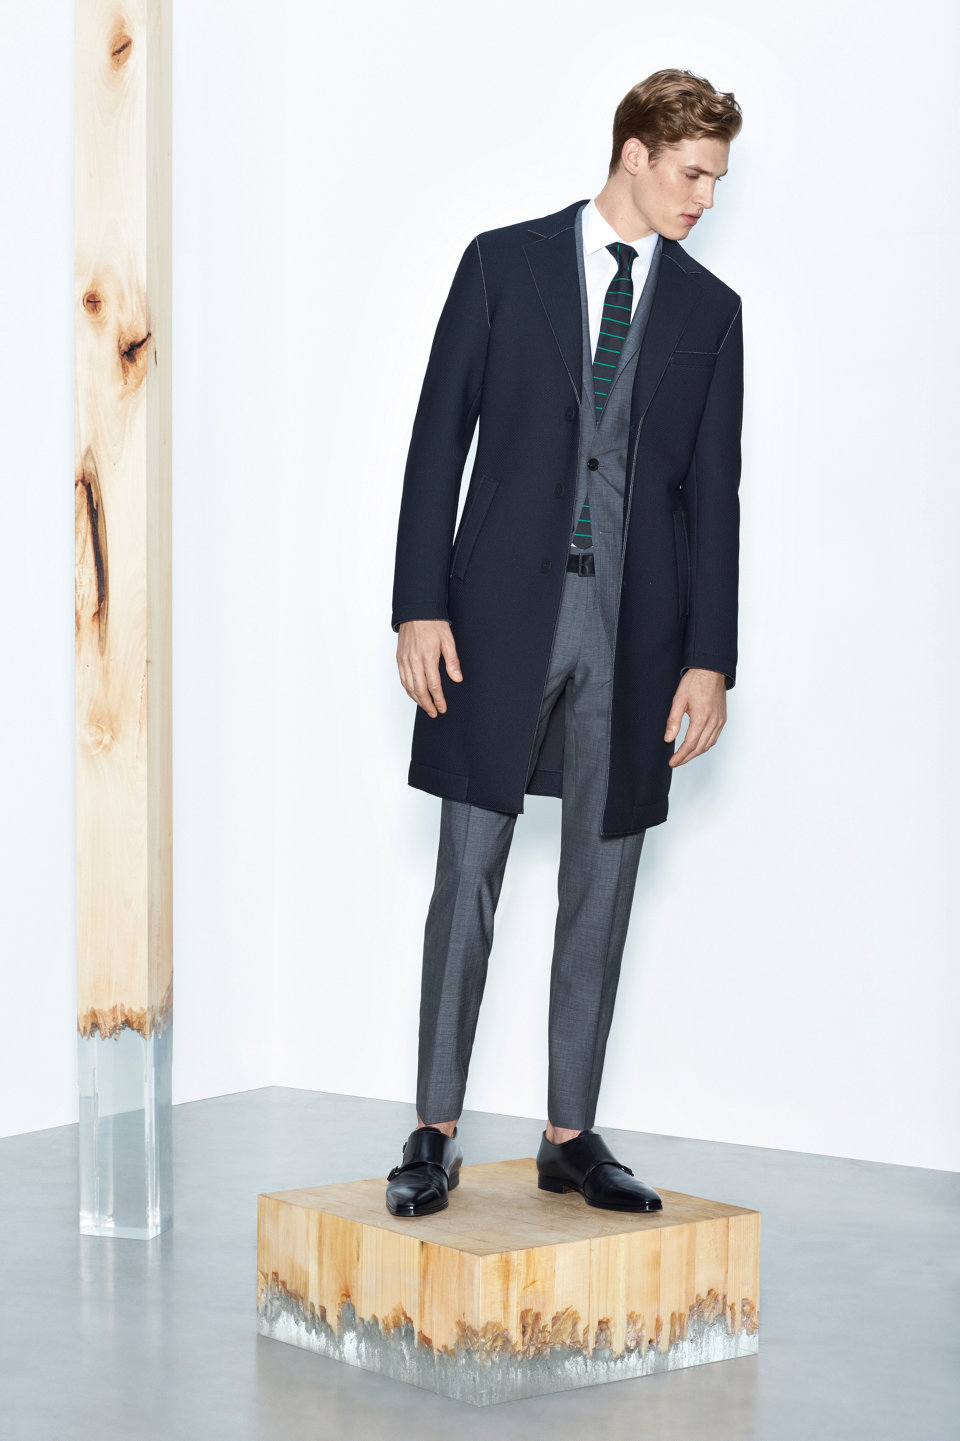 Zwarte mantel en grijs kostuumvanBOSS